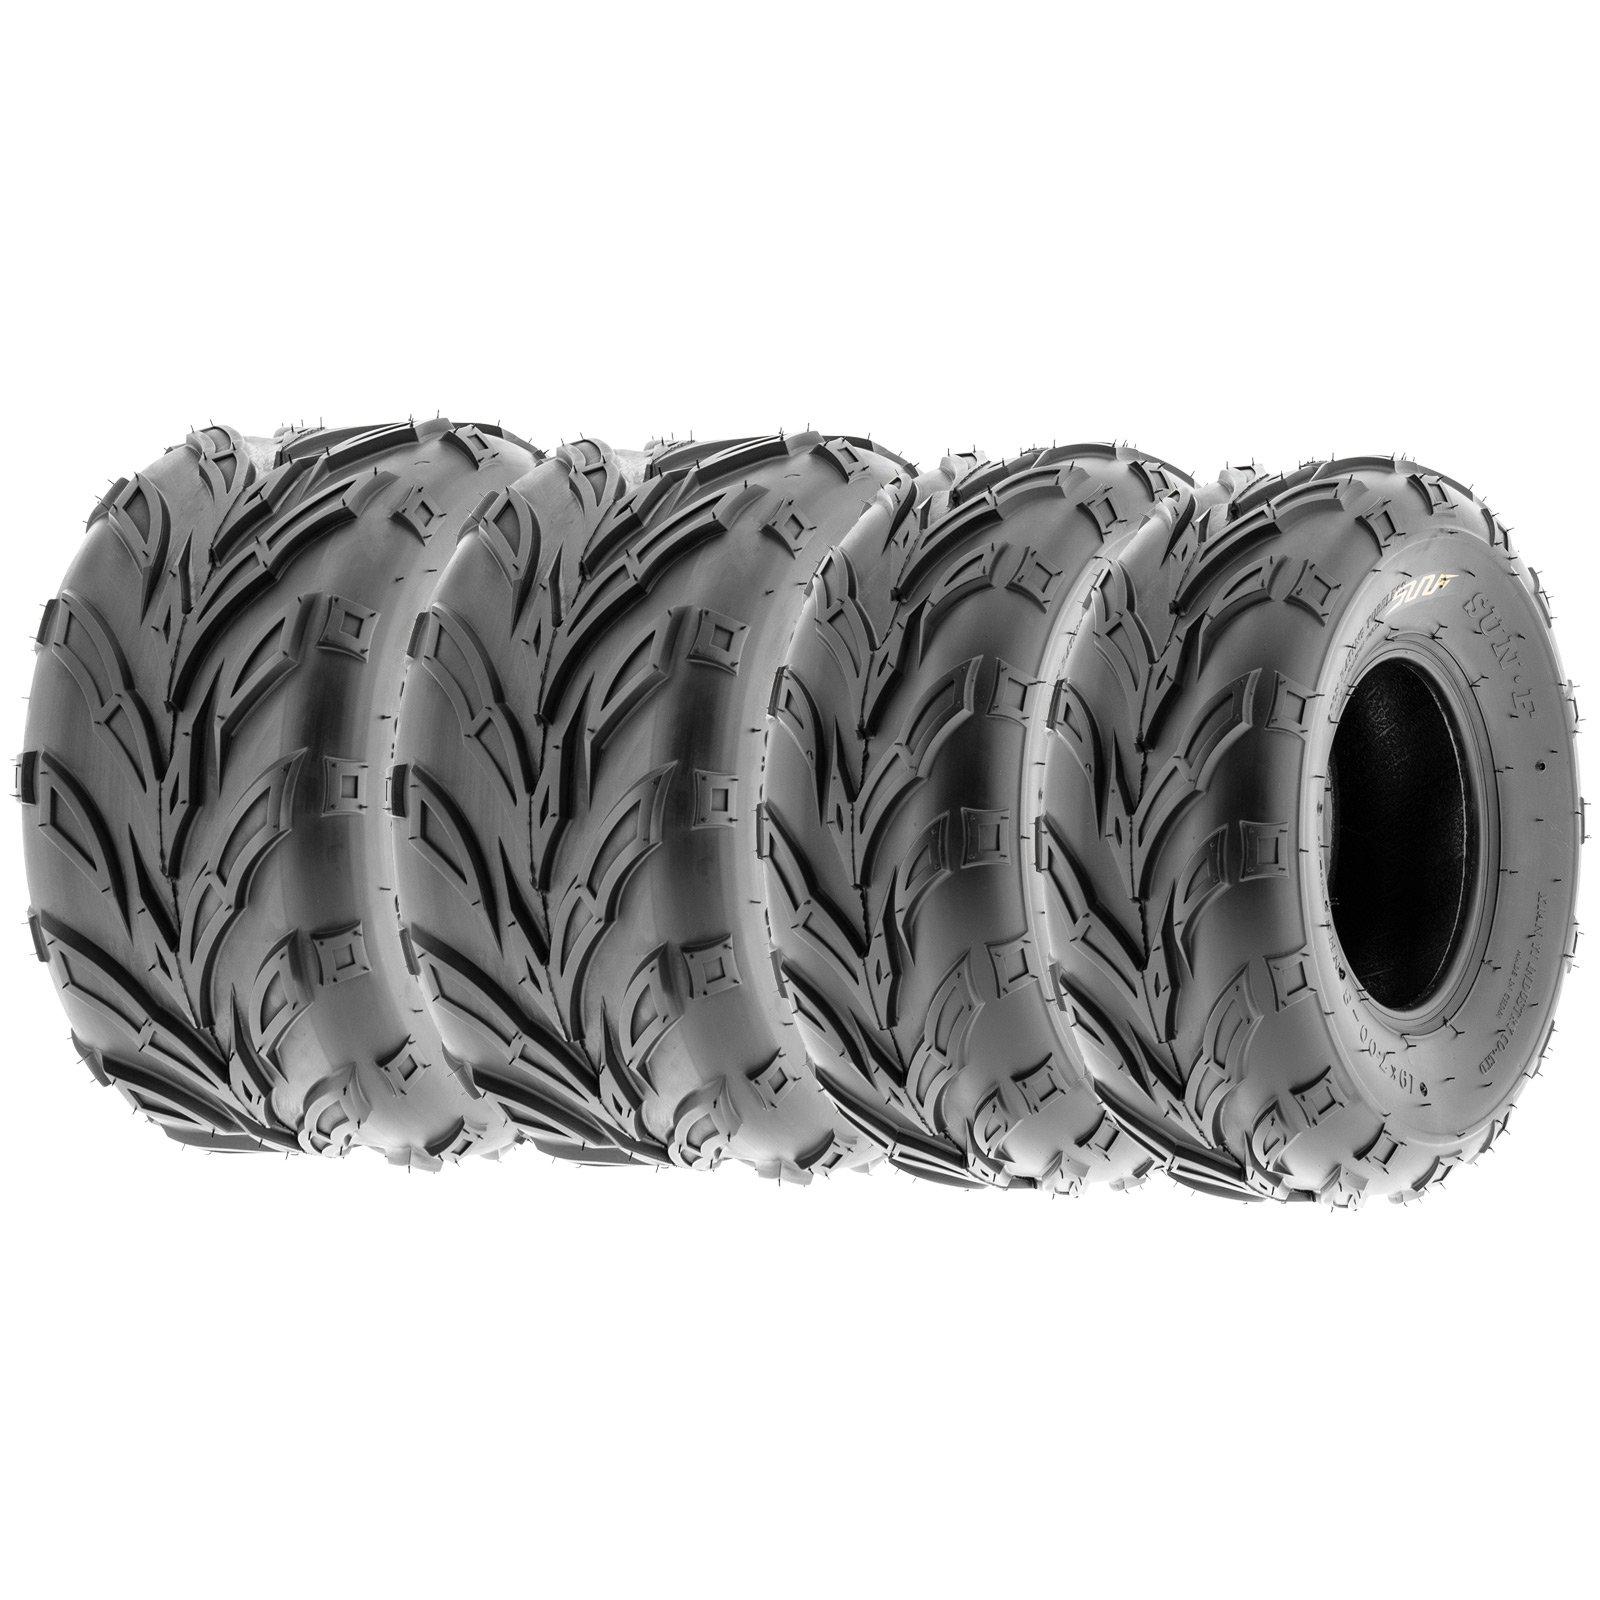 SunF ATV Quad Tires 20x10-10 20x10x10 6 PR A004 (Full set of 4)